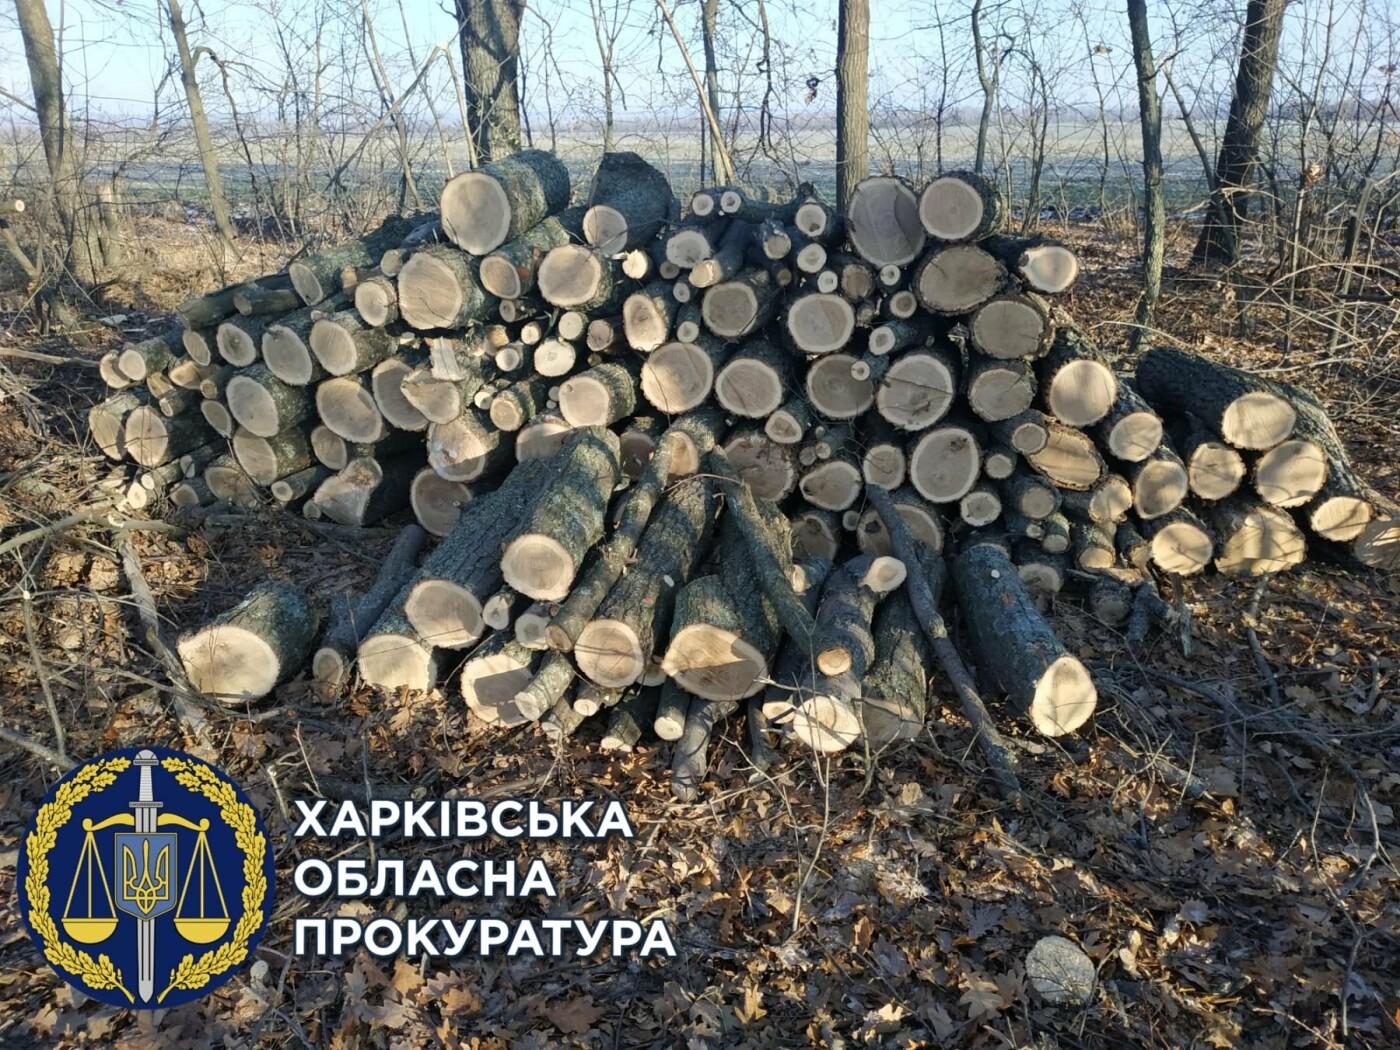 """На Харьковщине будут судить двух """"черных лесорубов"""", уничтоживших деревьев на 750 тысяч гривен, - ФОТО, фото-1"""